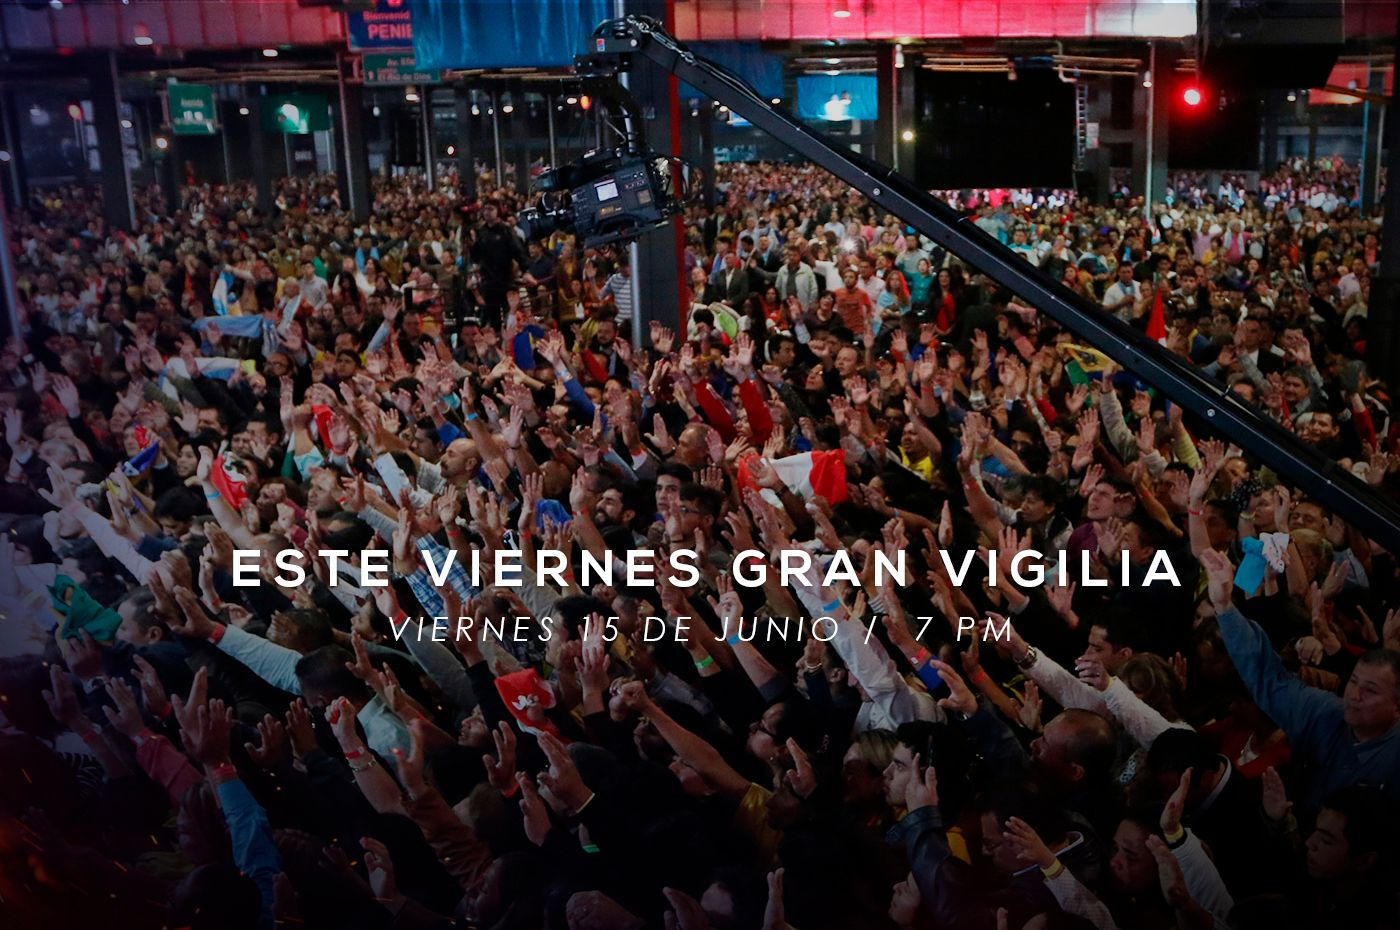 Gran Vigilia este Viernes 15 de junio